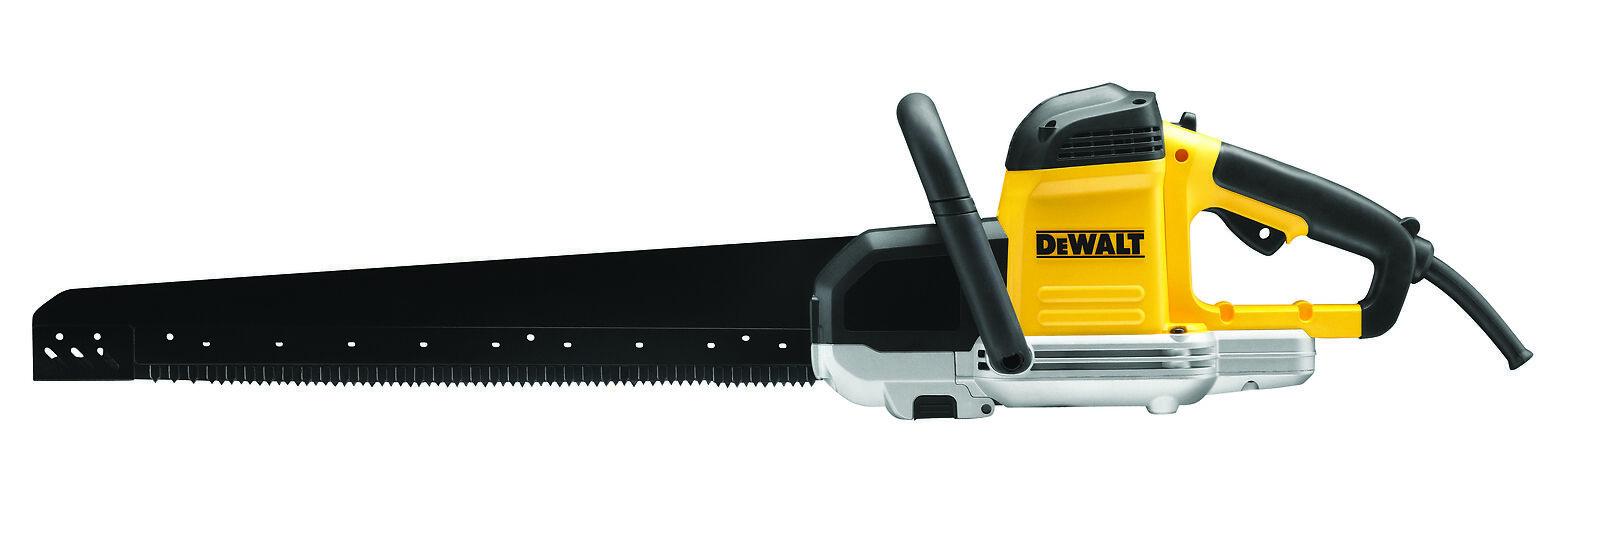 DEWALT Spezialsäge DWE398 430 mm + Zubehör